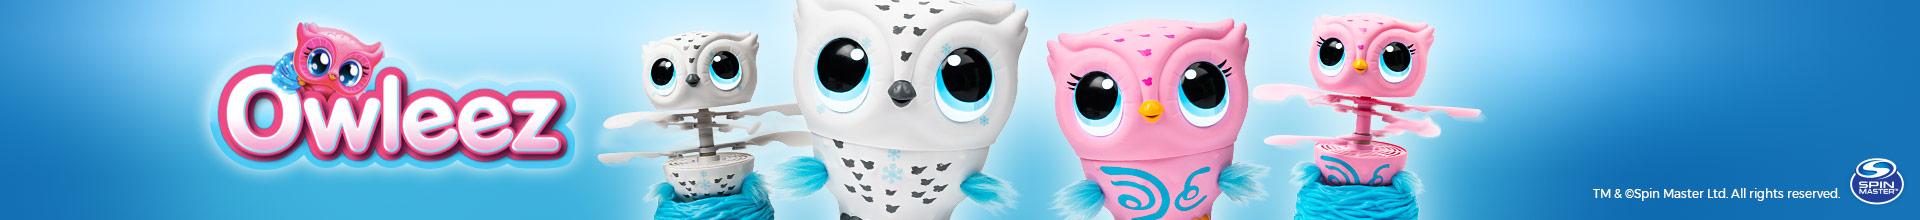 Owleez - Ela precisa dos seus cuidados e treinamento para aprender a Voar!